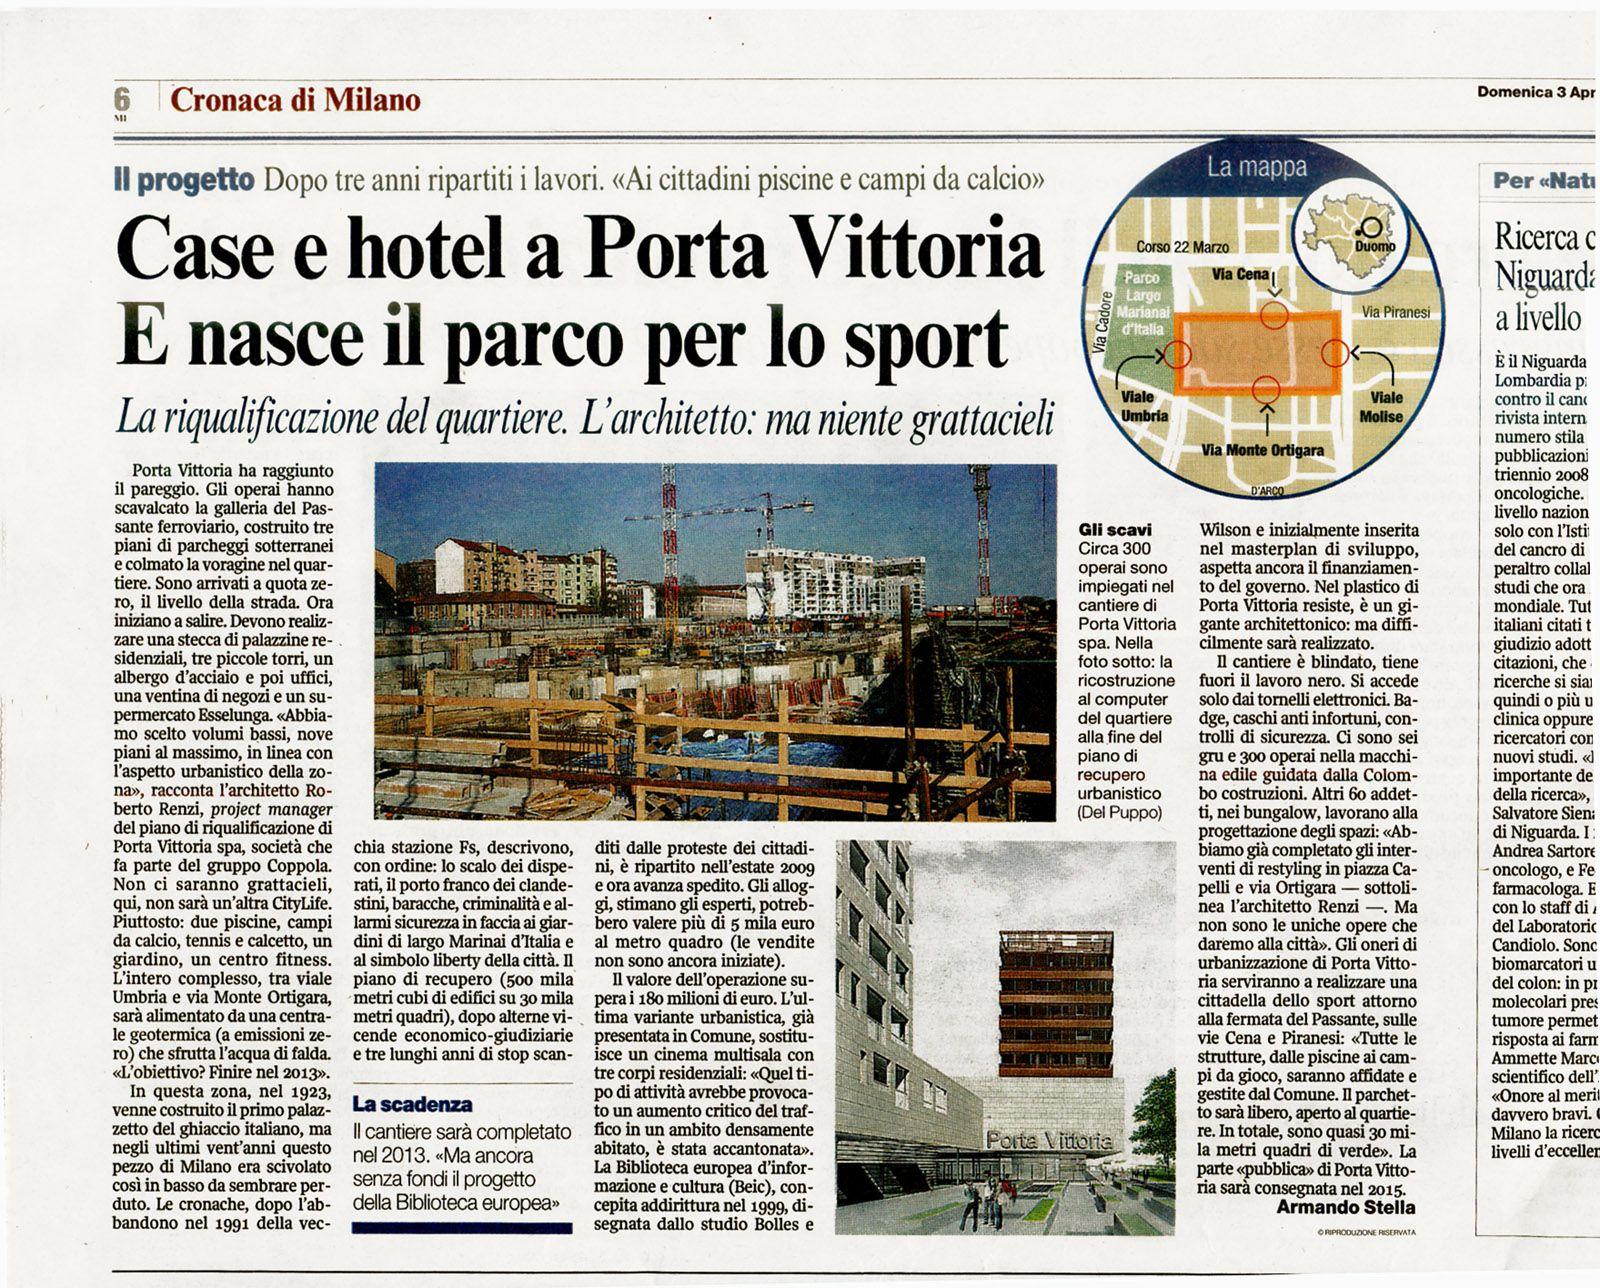 Il Corriere della Sera, aprile, 2011